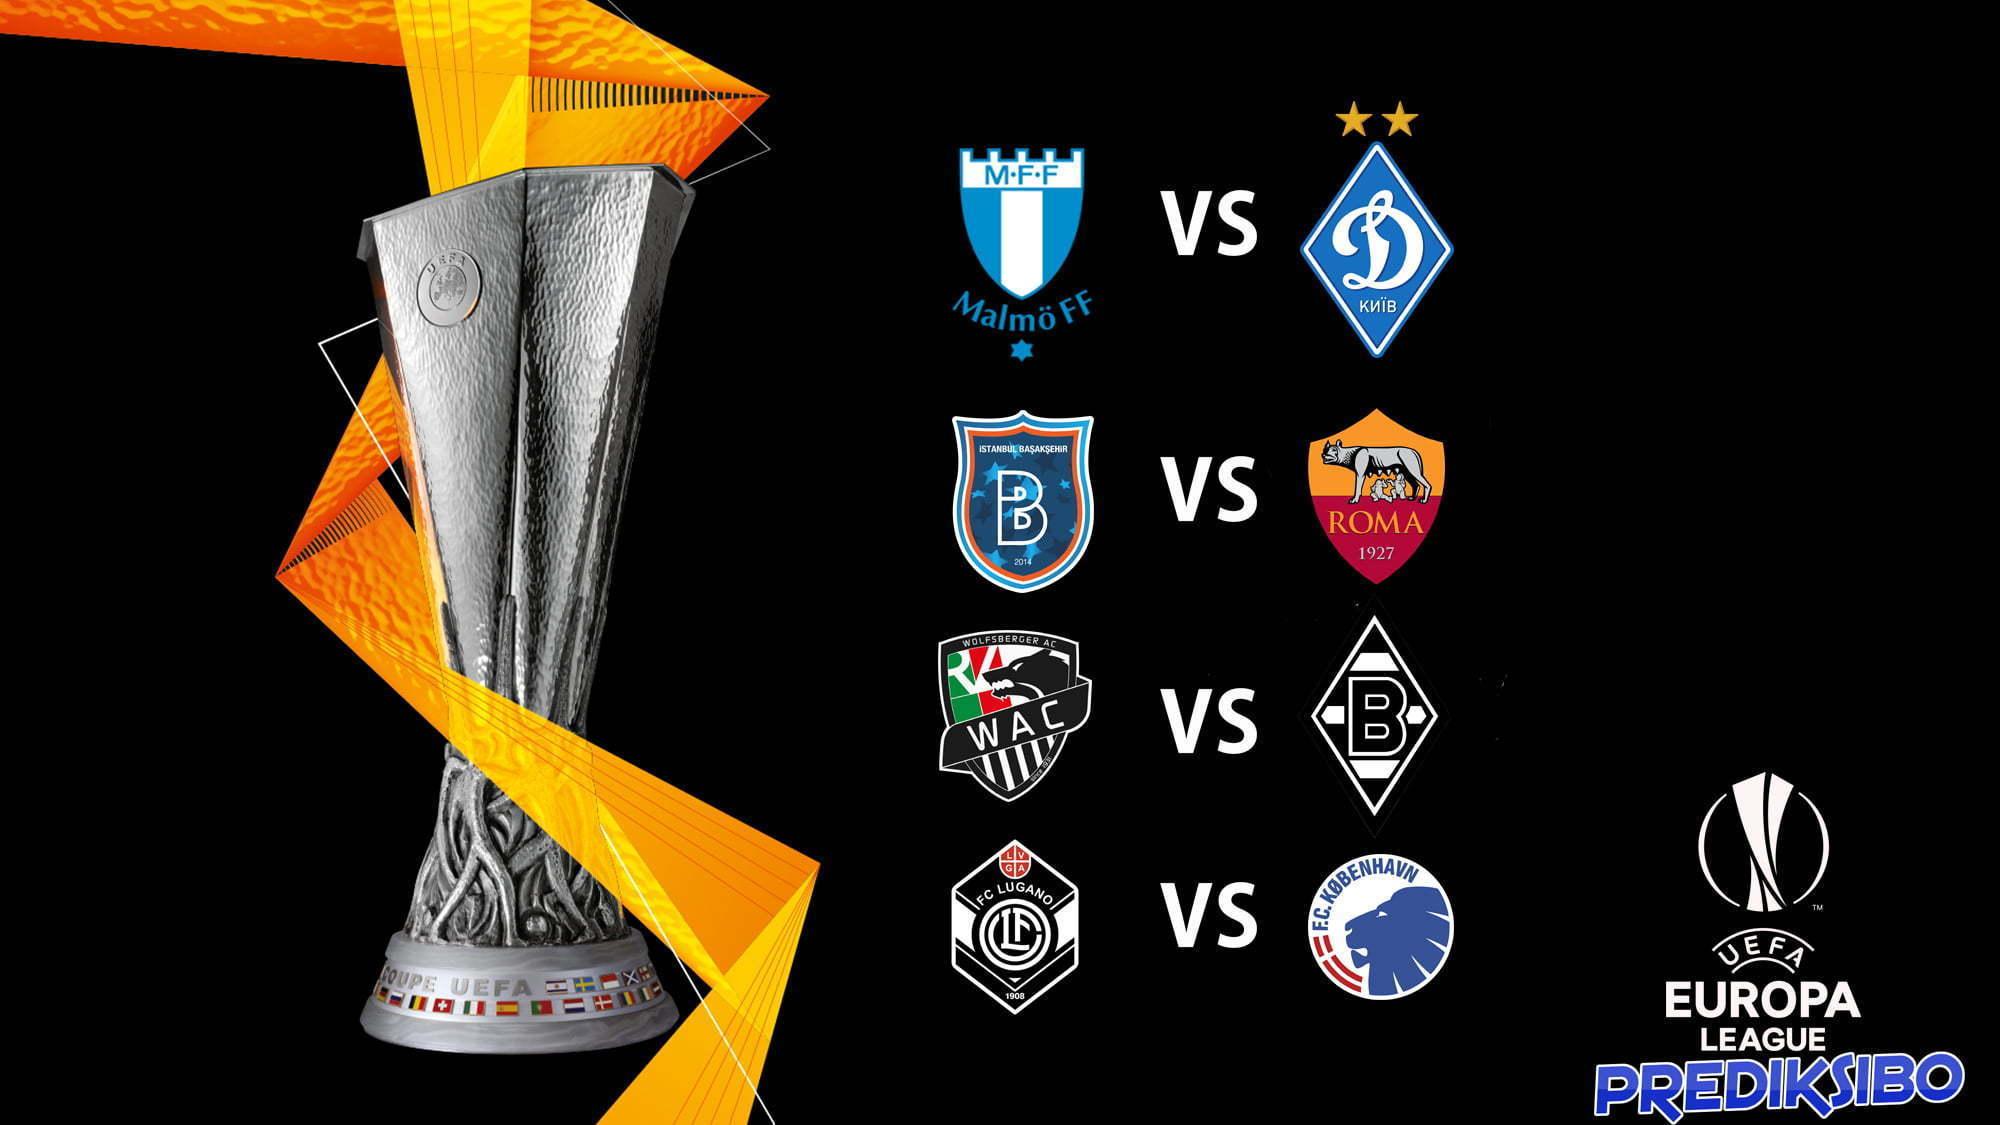 Prediksi Europe League Preview